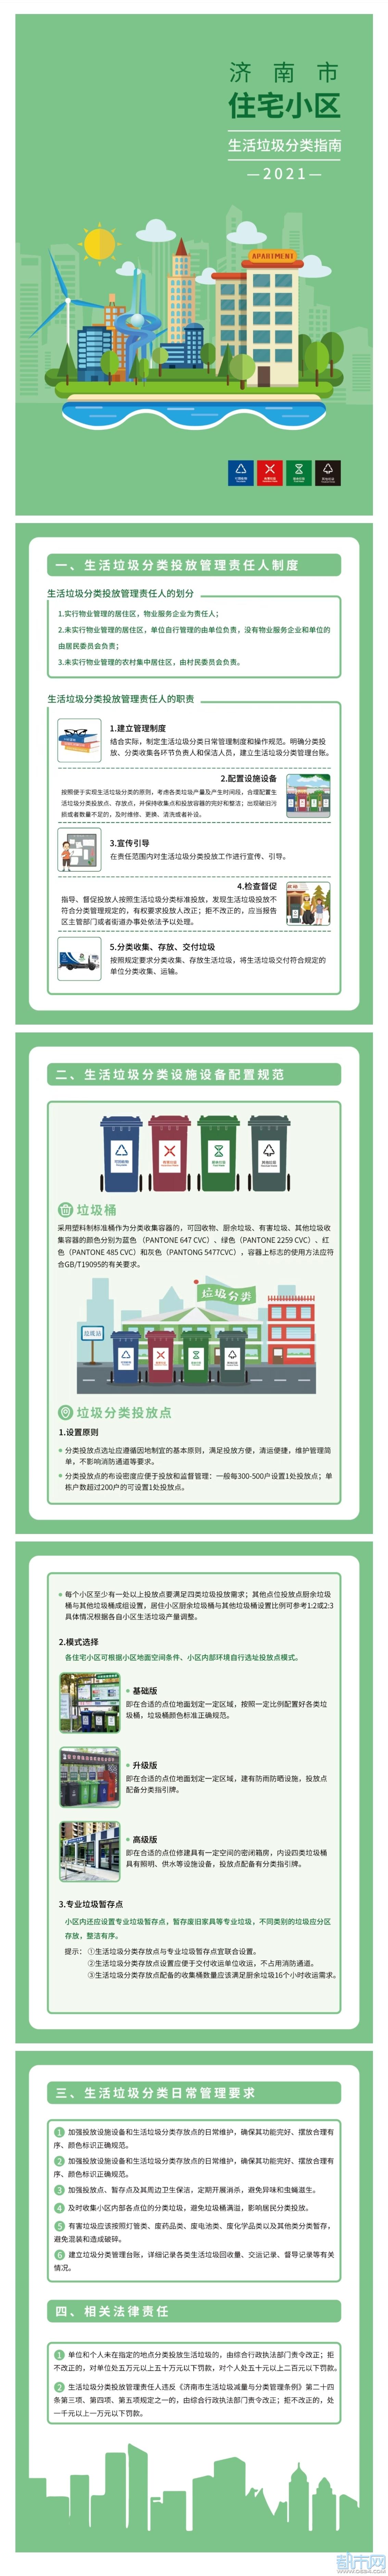 莱芜人注意:济南生活垃圾分类指南和相关法律责任来了!